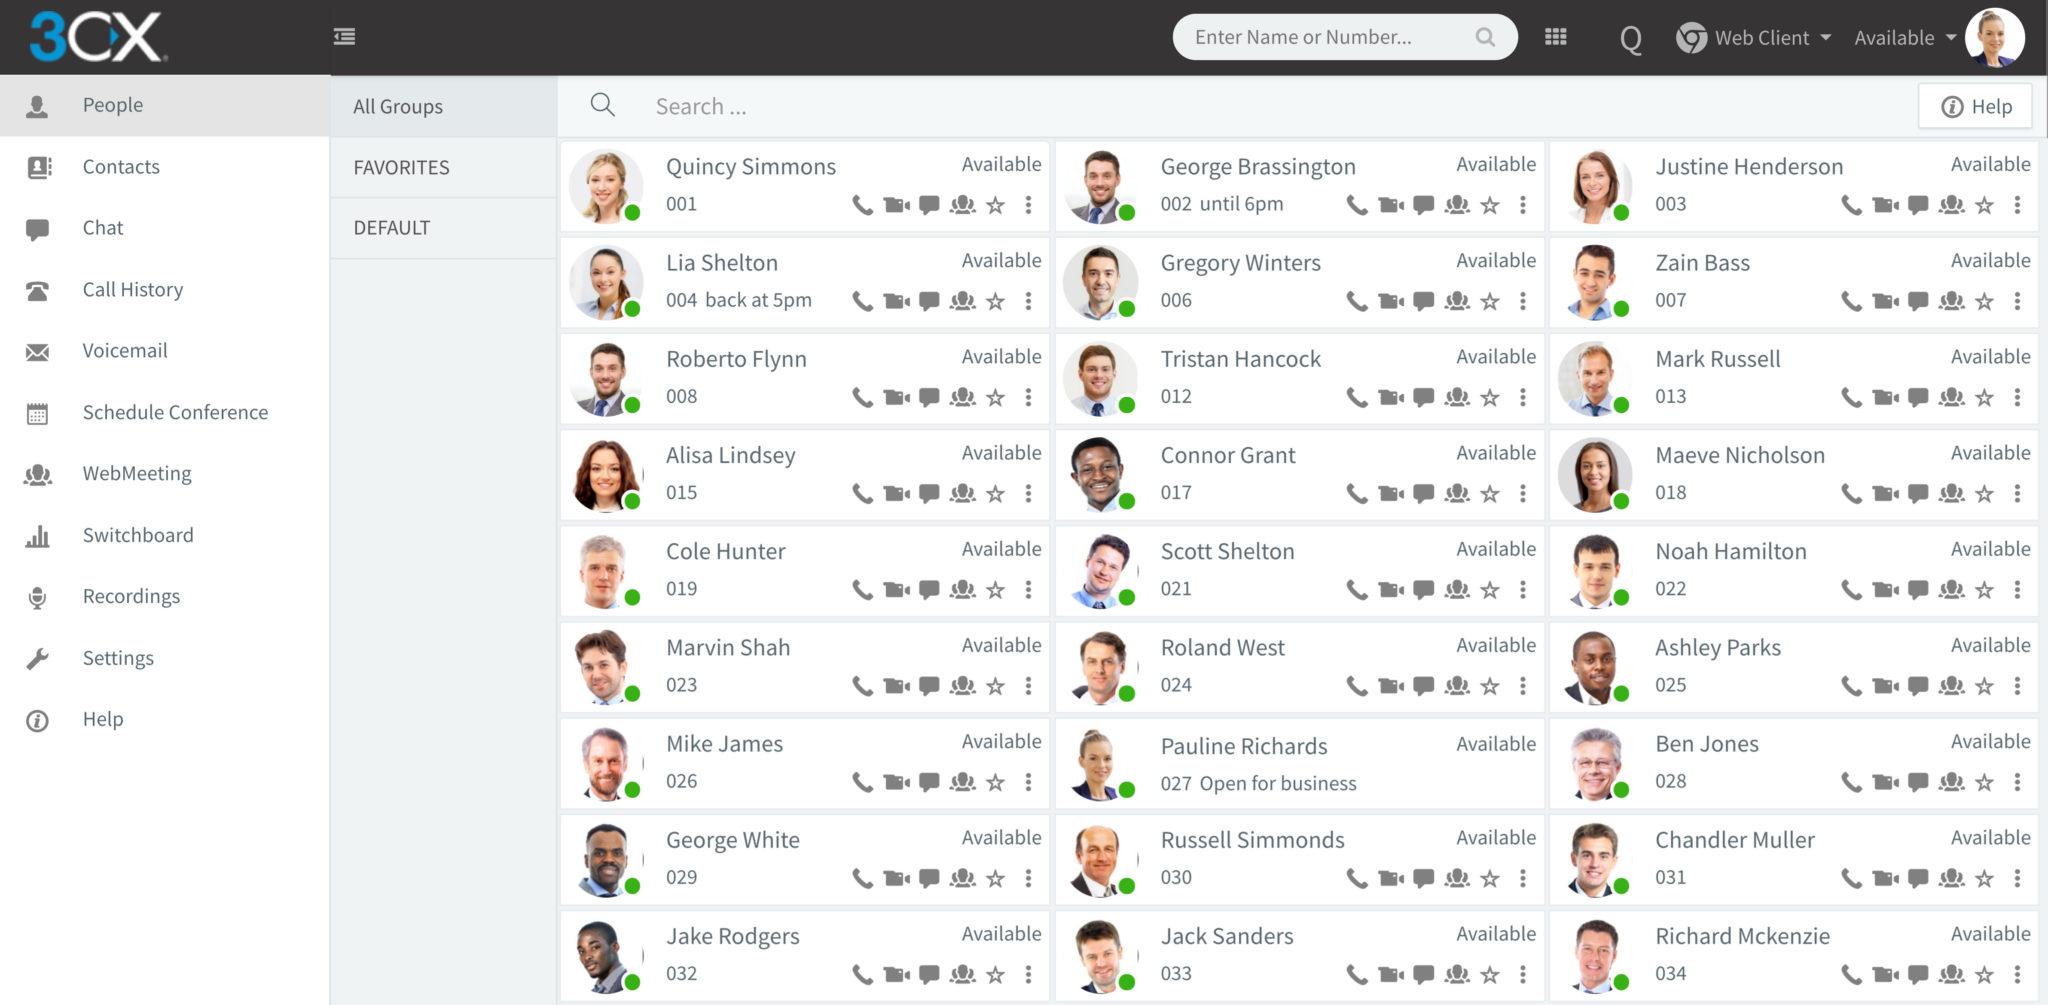 Visualizzazione web client app 3cx